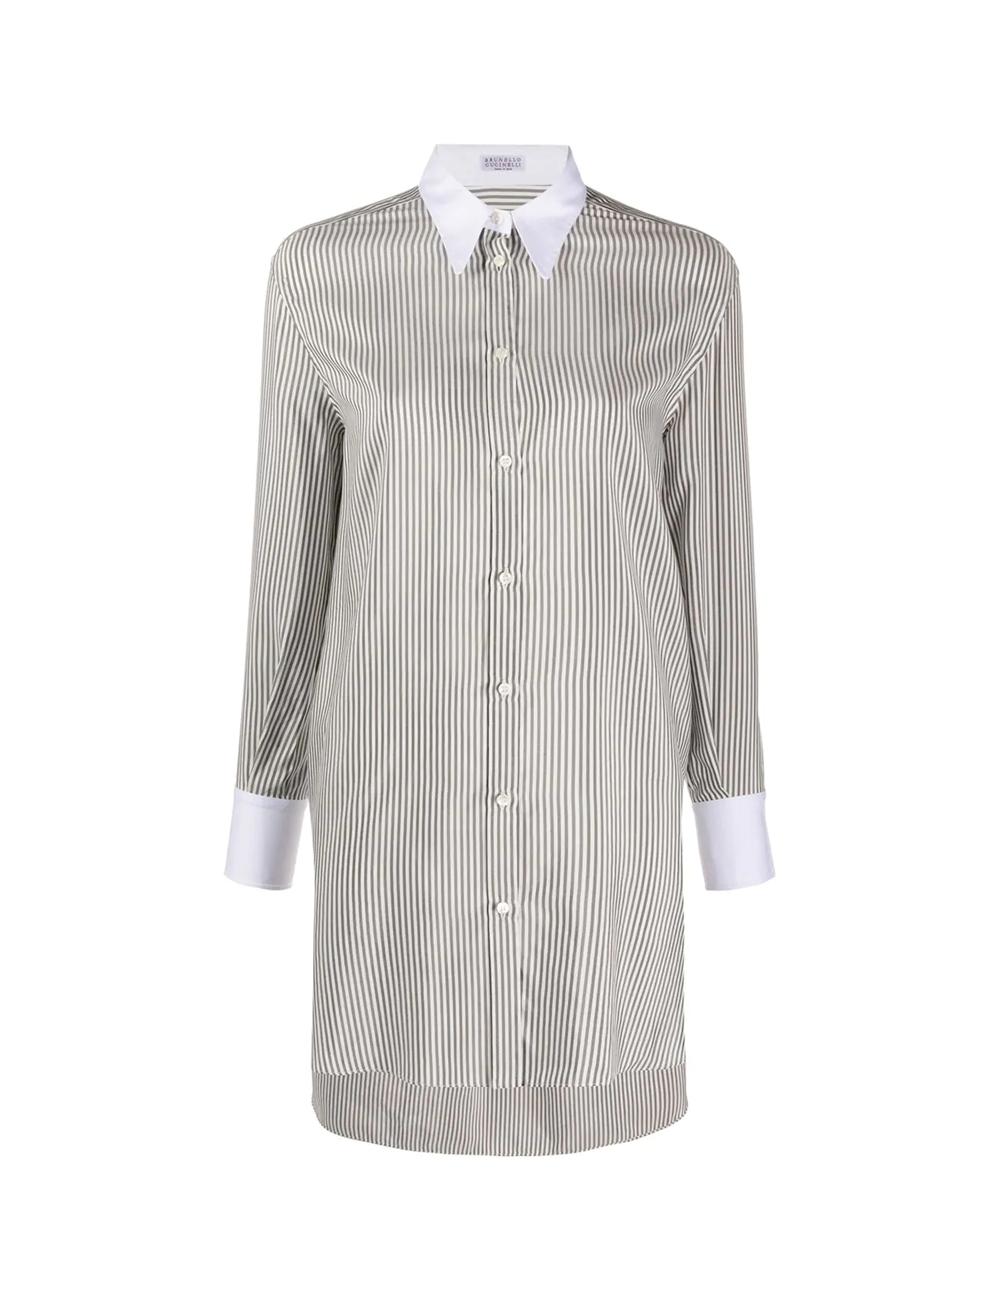 Striped shirt Brunello Cucinelli - BIG BOSS MEGEVE